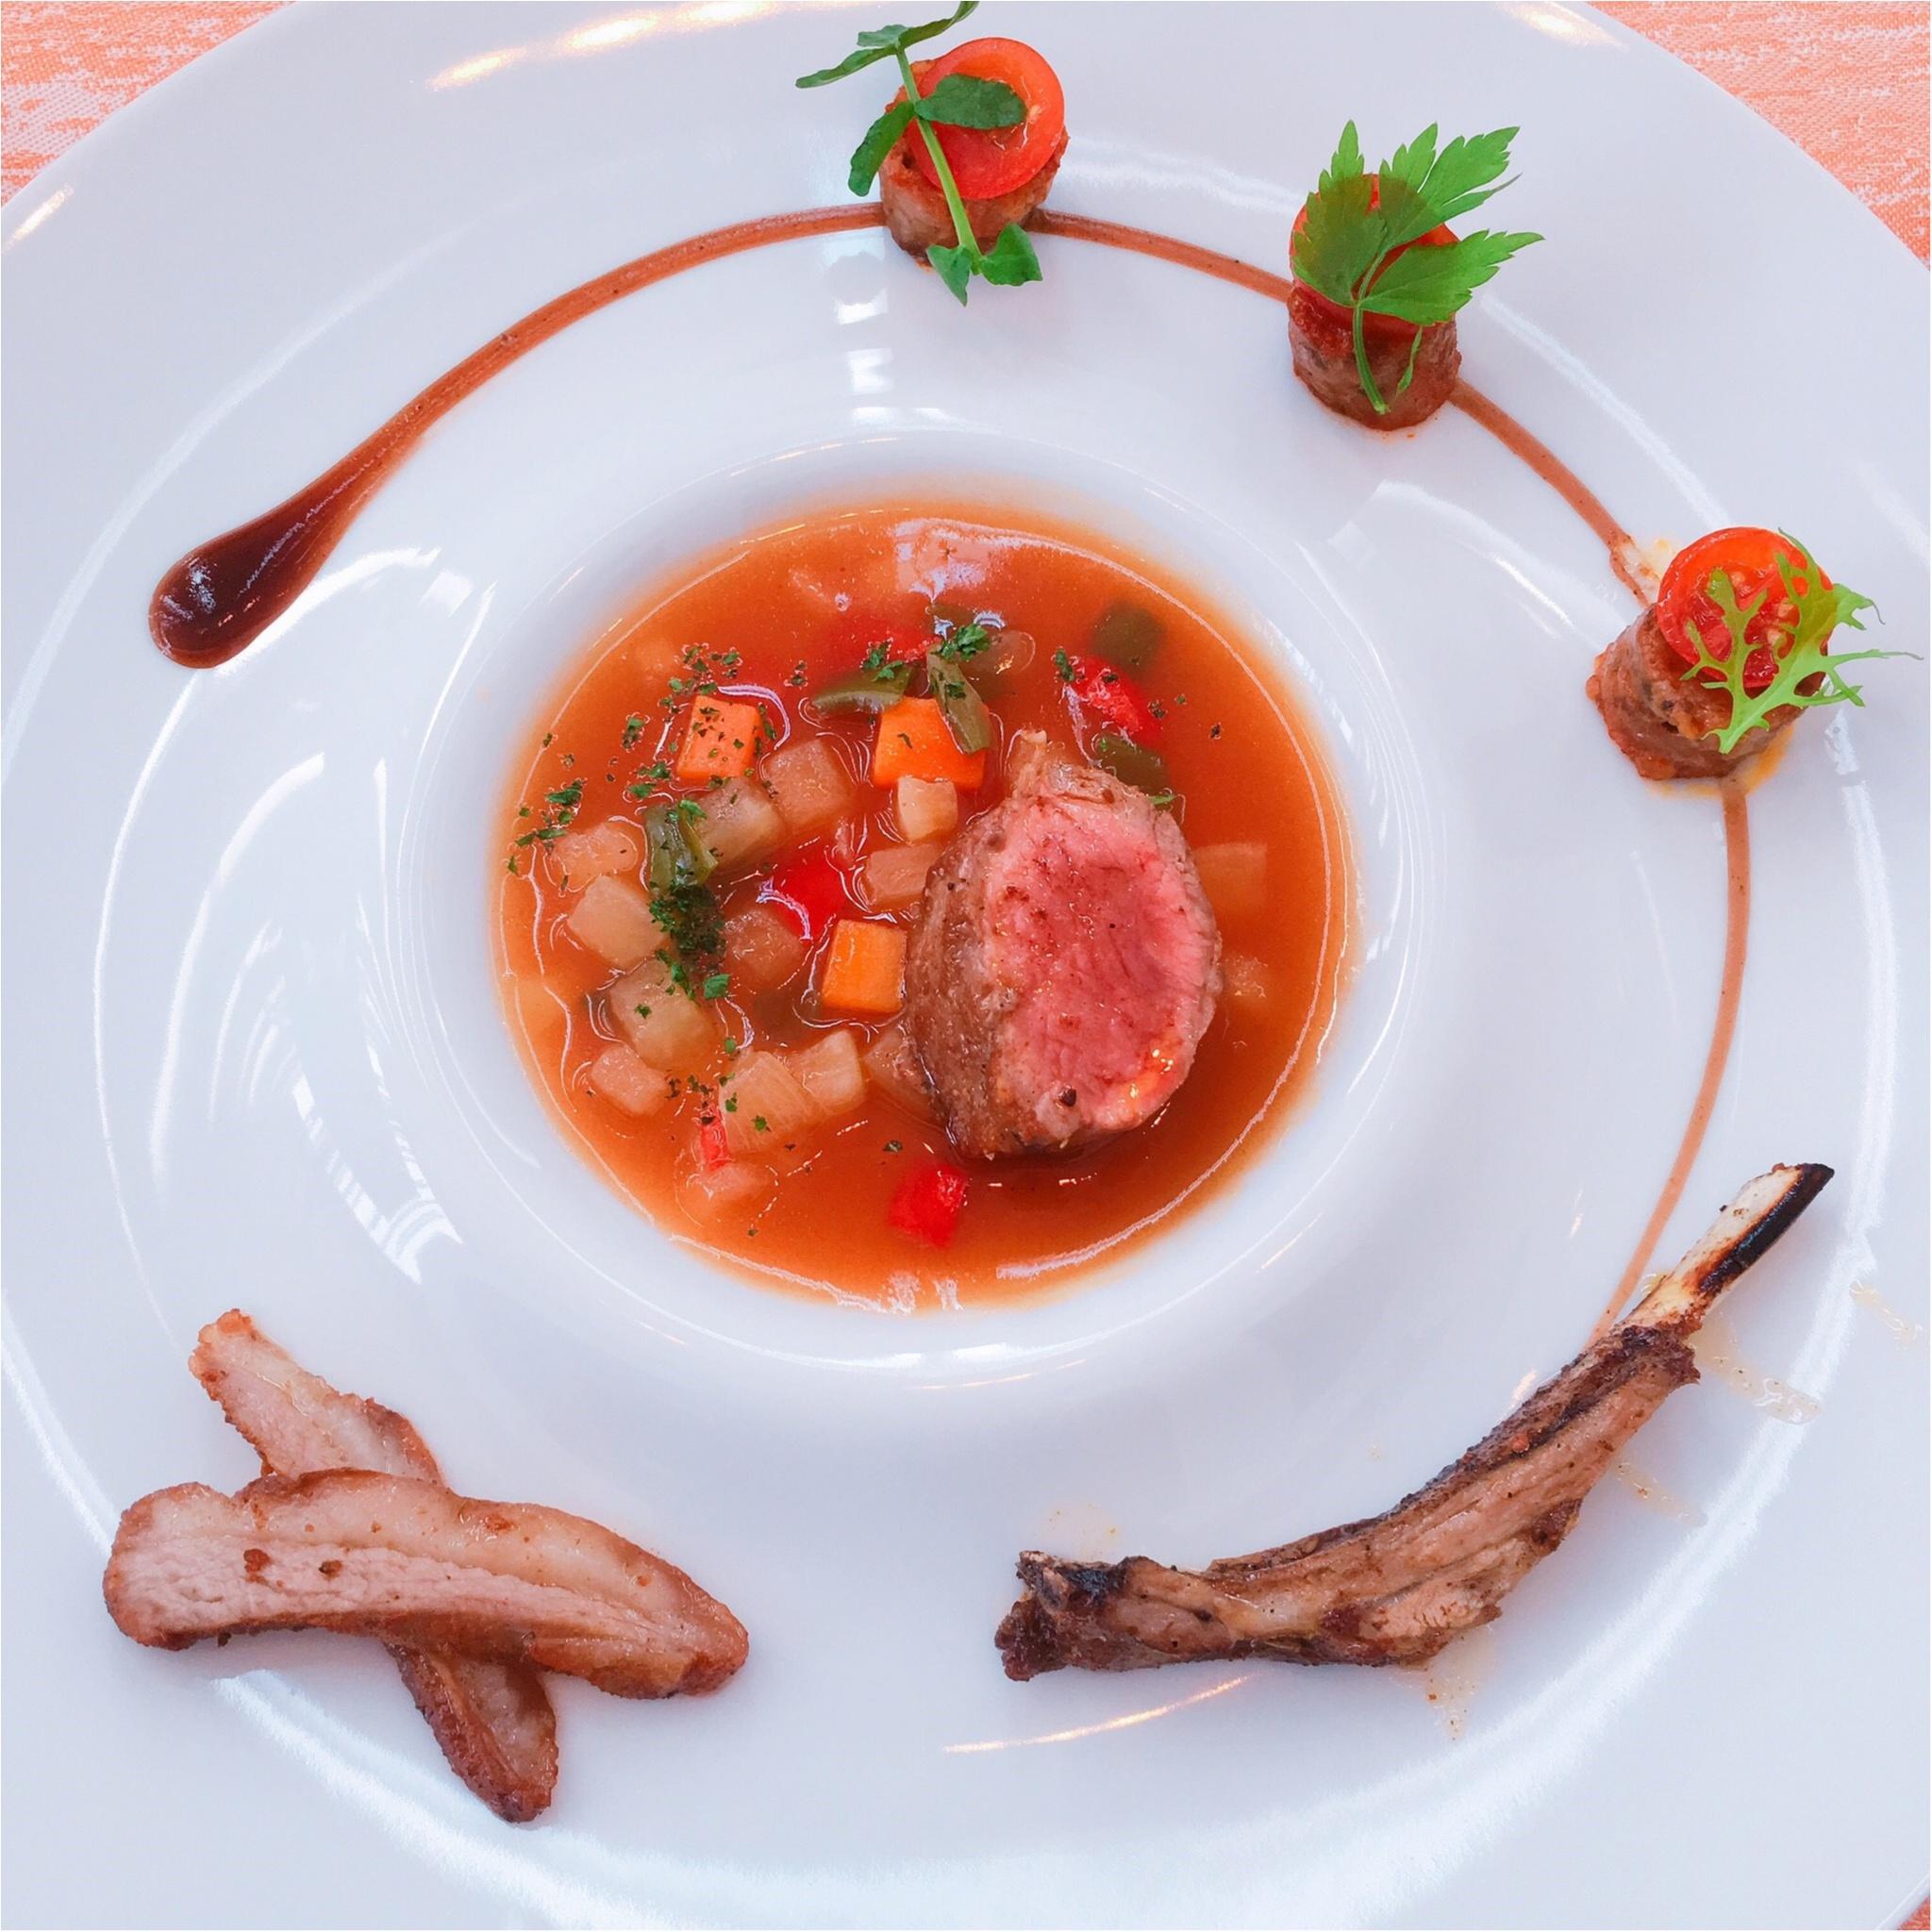 予約は2週間前がオススメ‼︎宝石のようなお野菜前菜ランチ_8